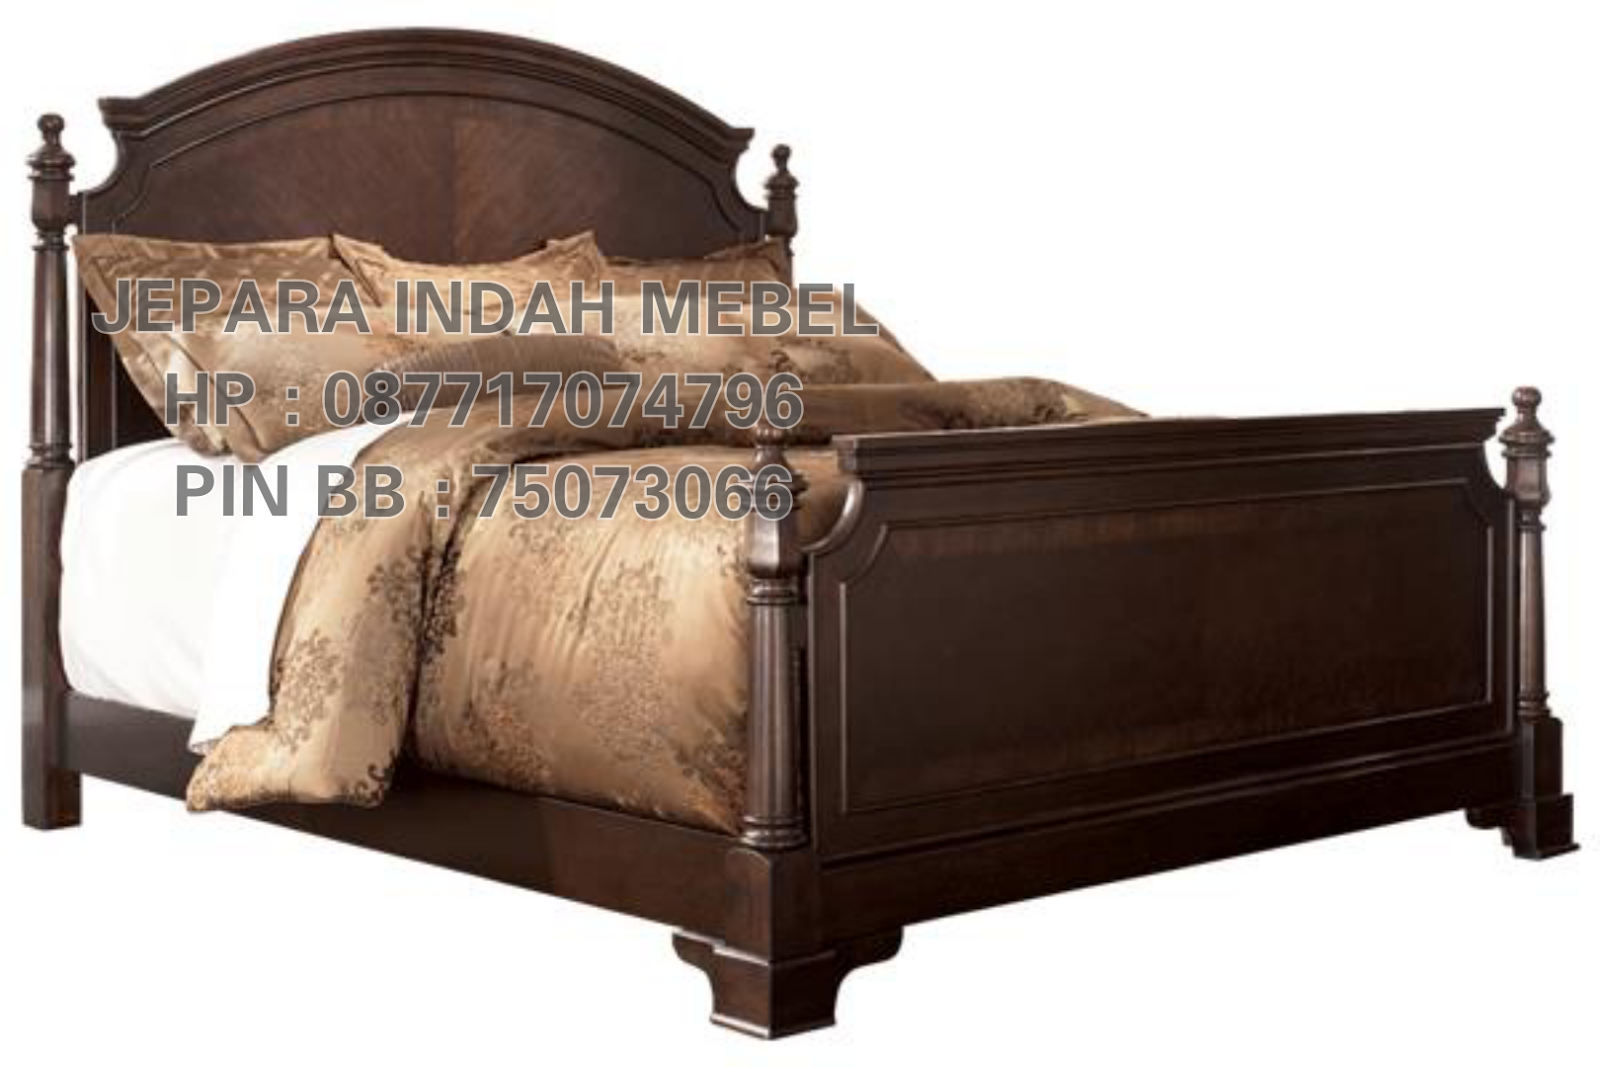 Jepara Indah Mebel Kaligrafi Jepara Furniture